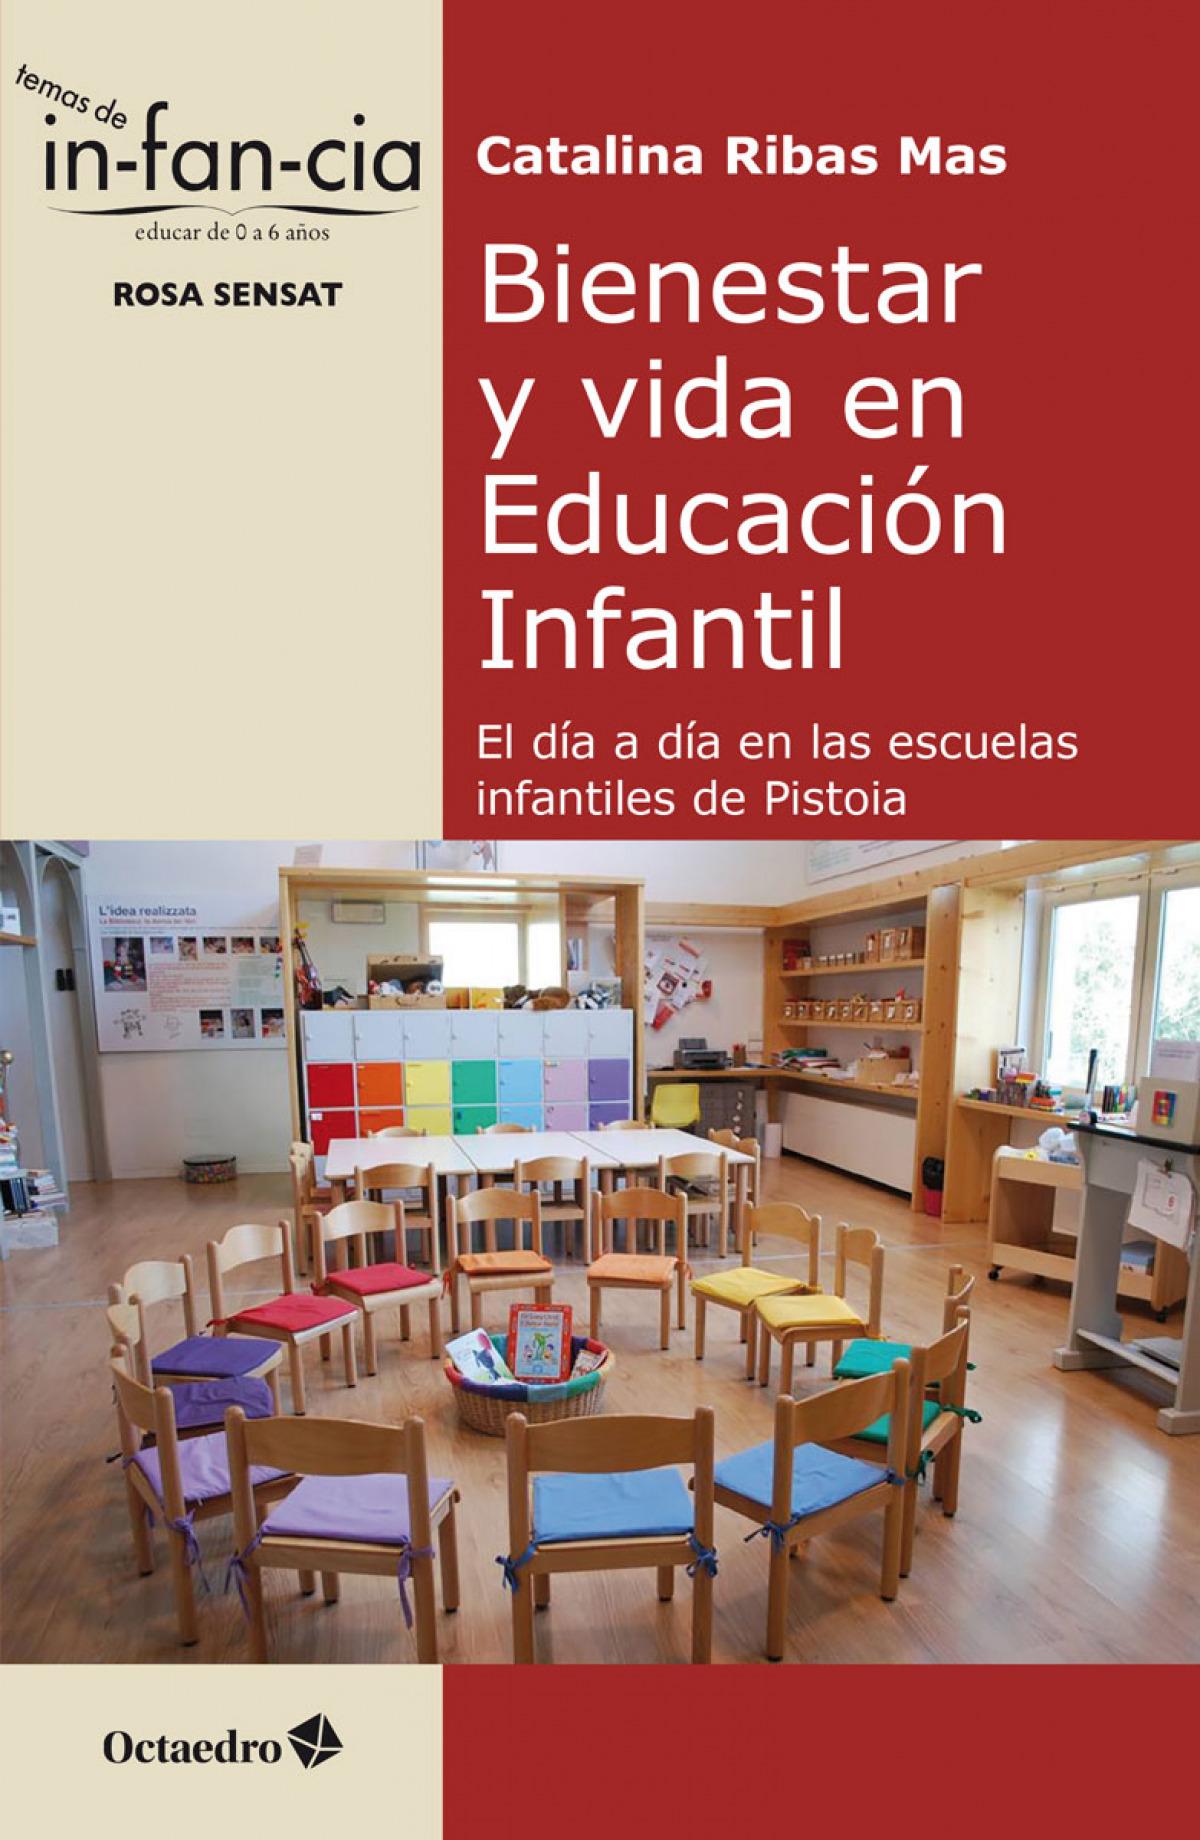 Bienestar y vida en Educación Infantil